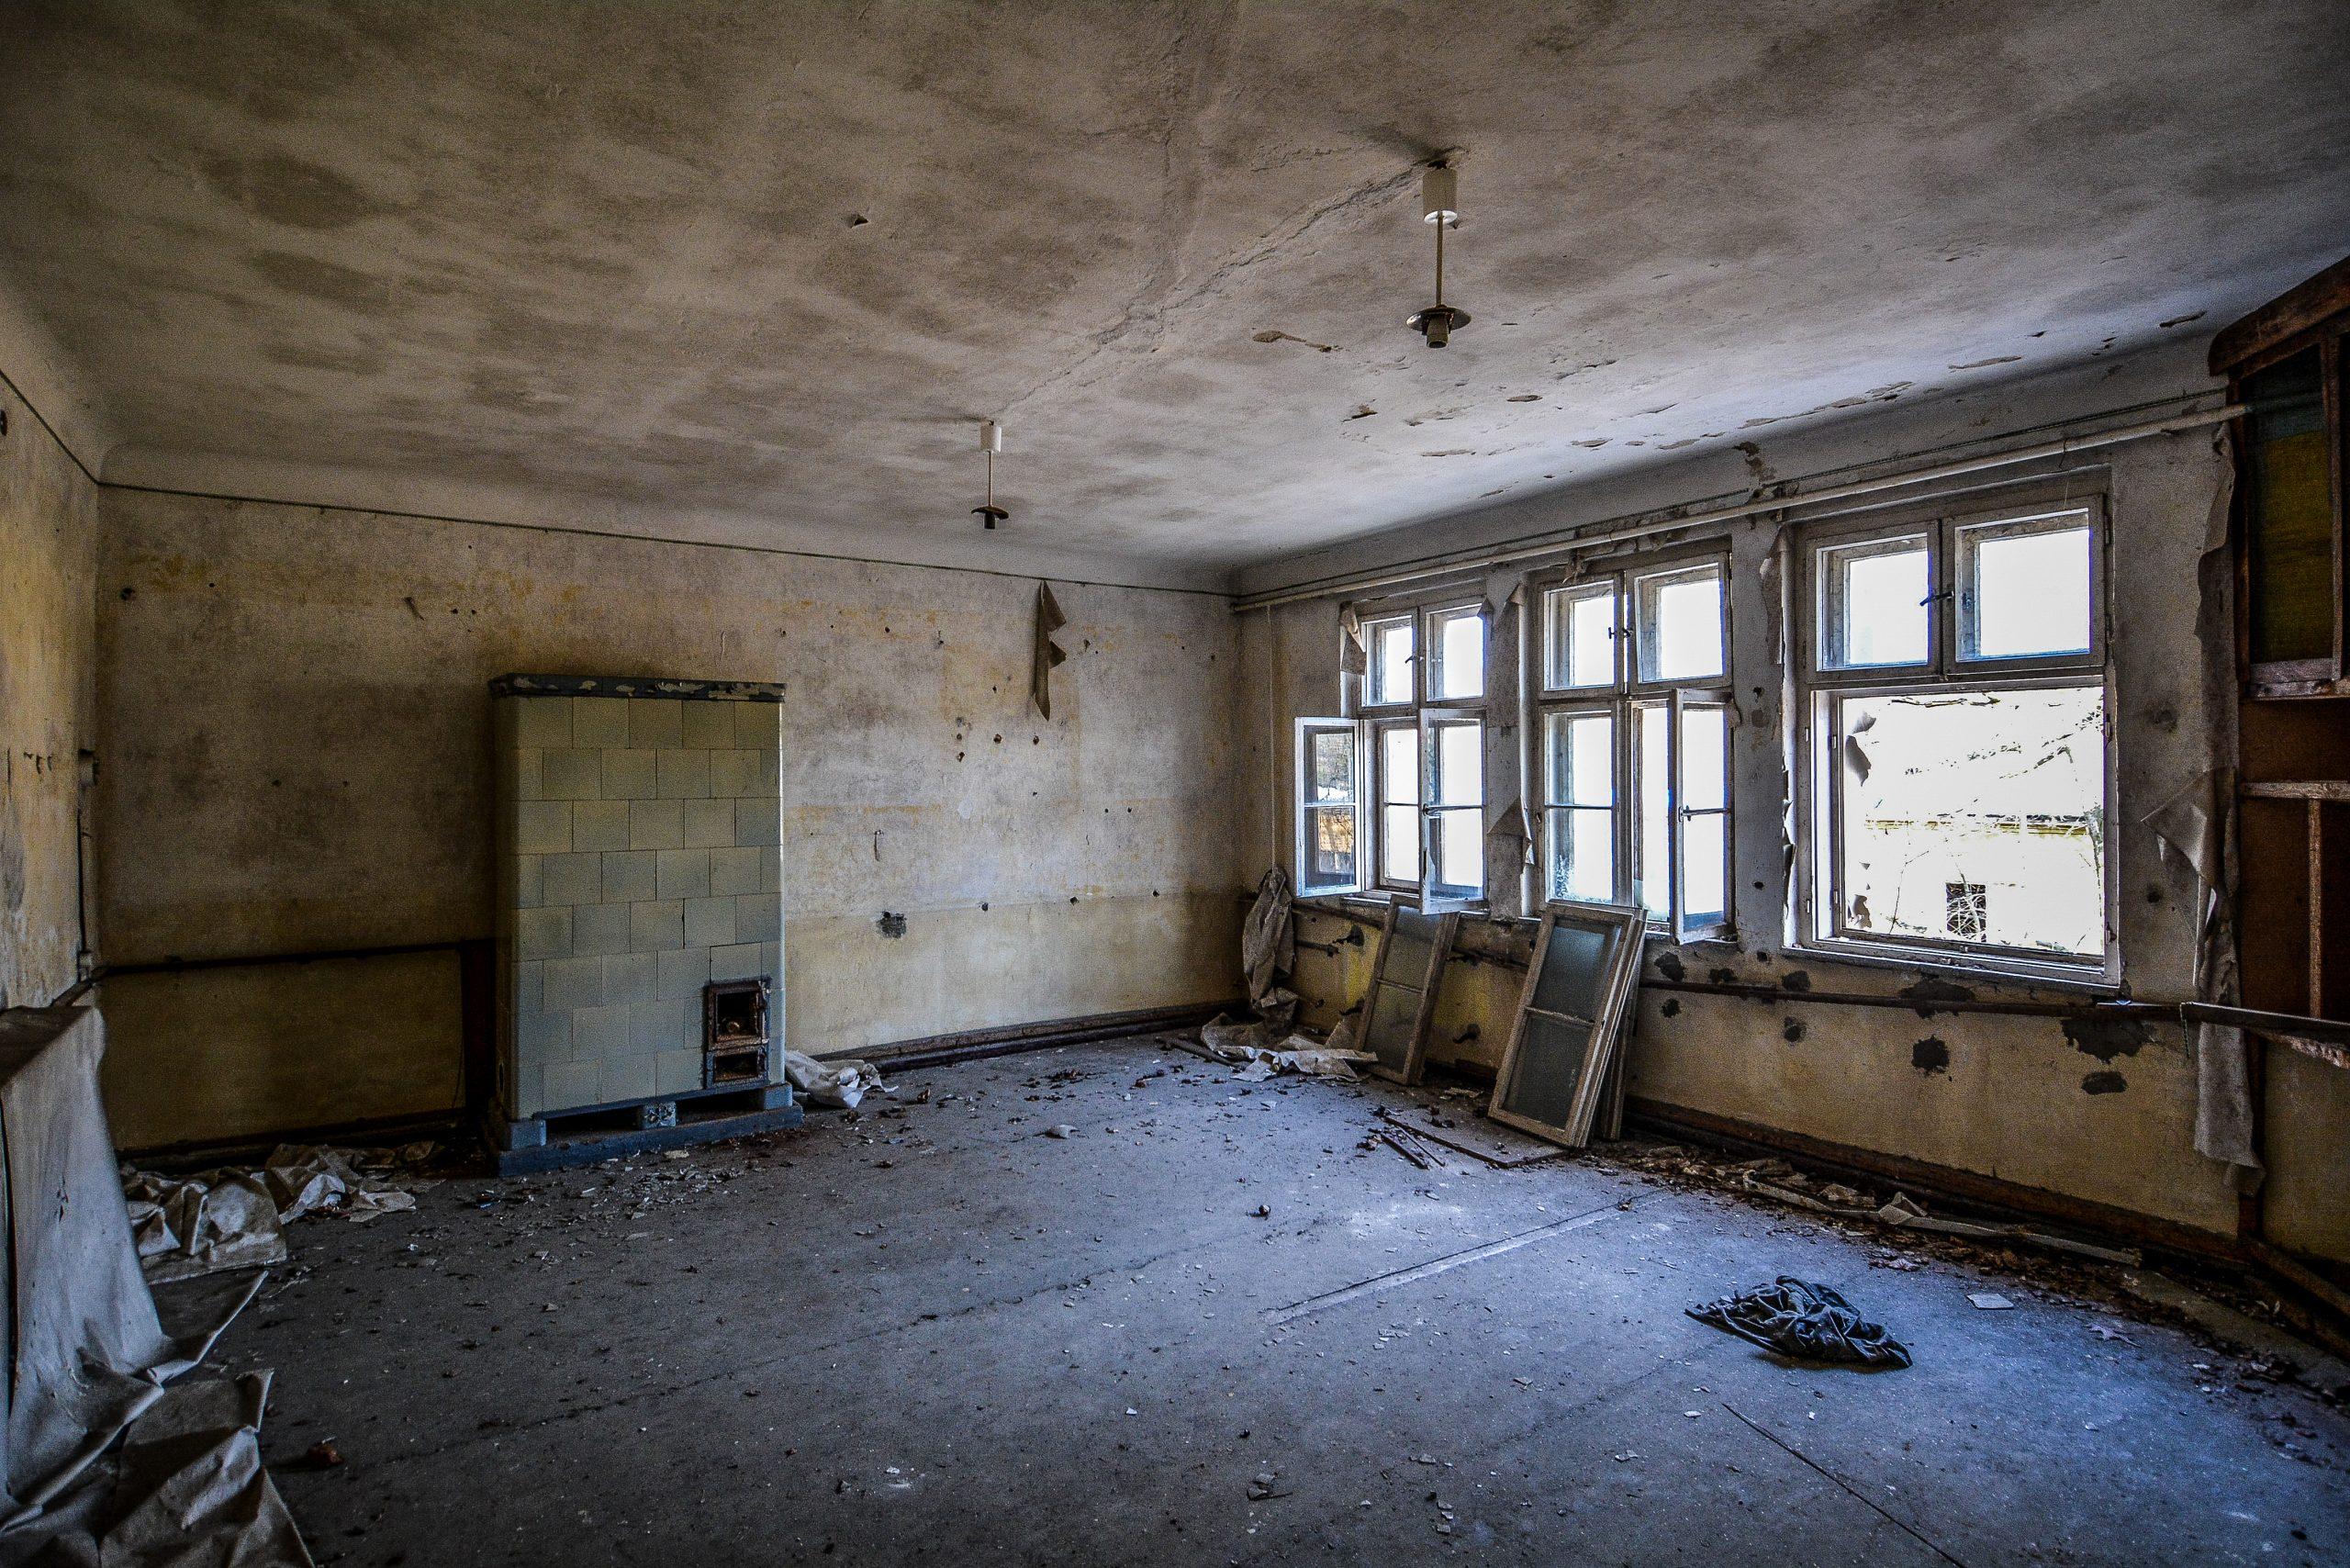 abandoned fire place forst zinna adolf hitler lager luckenwalde juterbog sowjet kaserne soviet military barracks germany lost places urbex abandoned